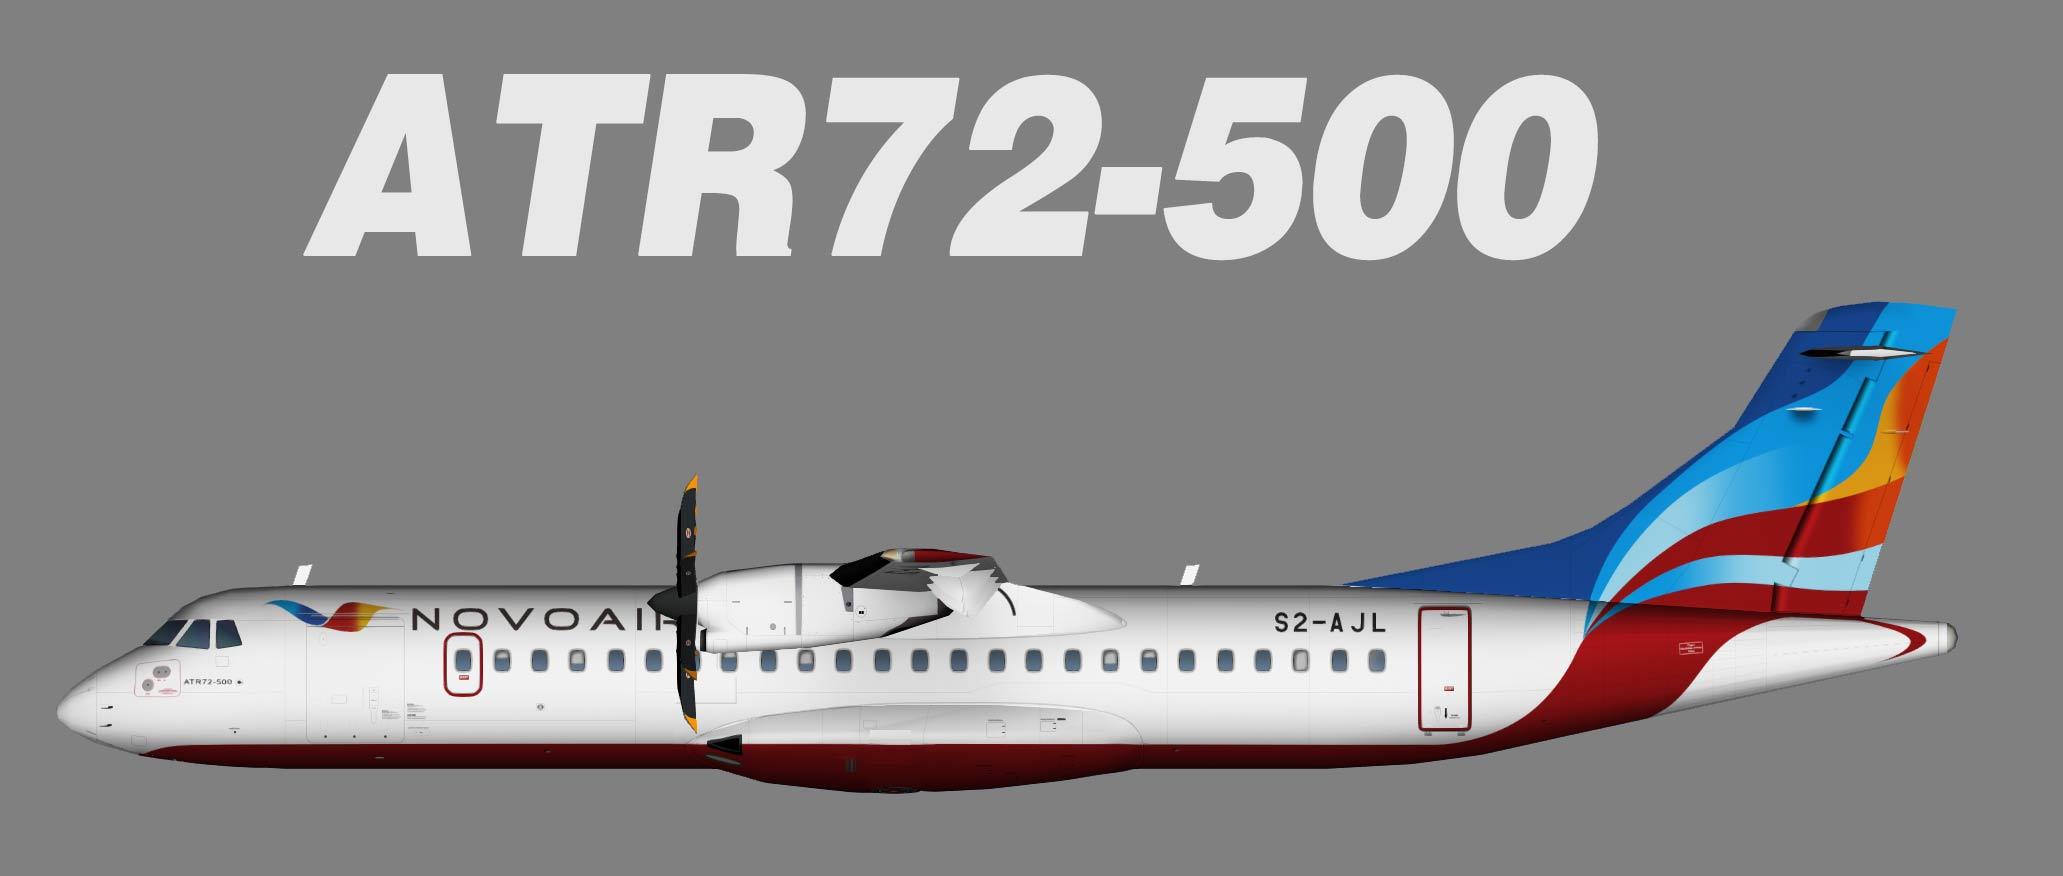 Novoair ATR 72-500